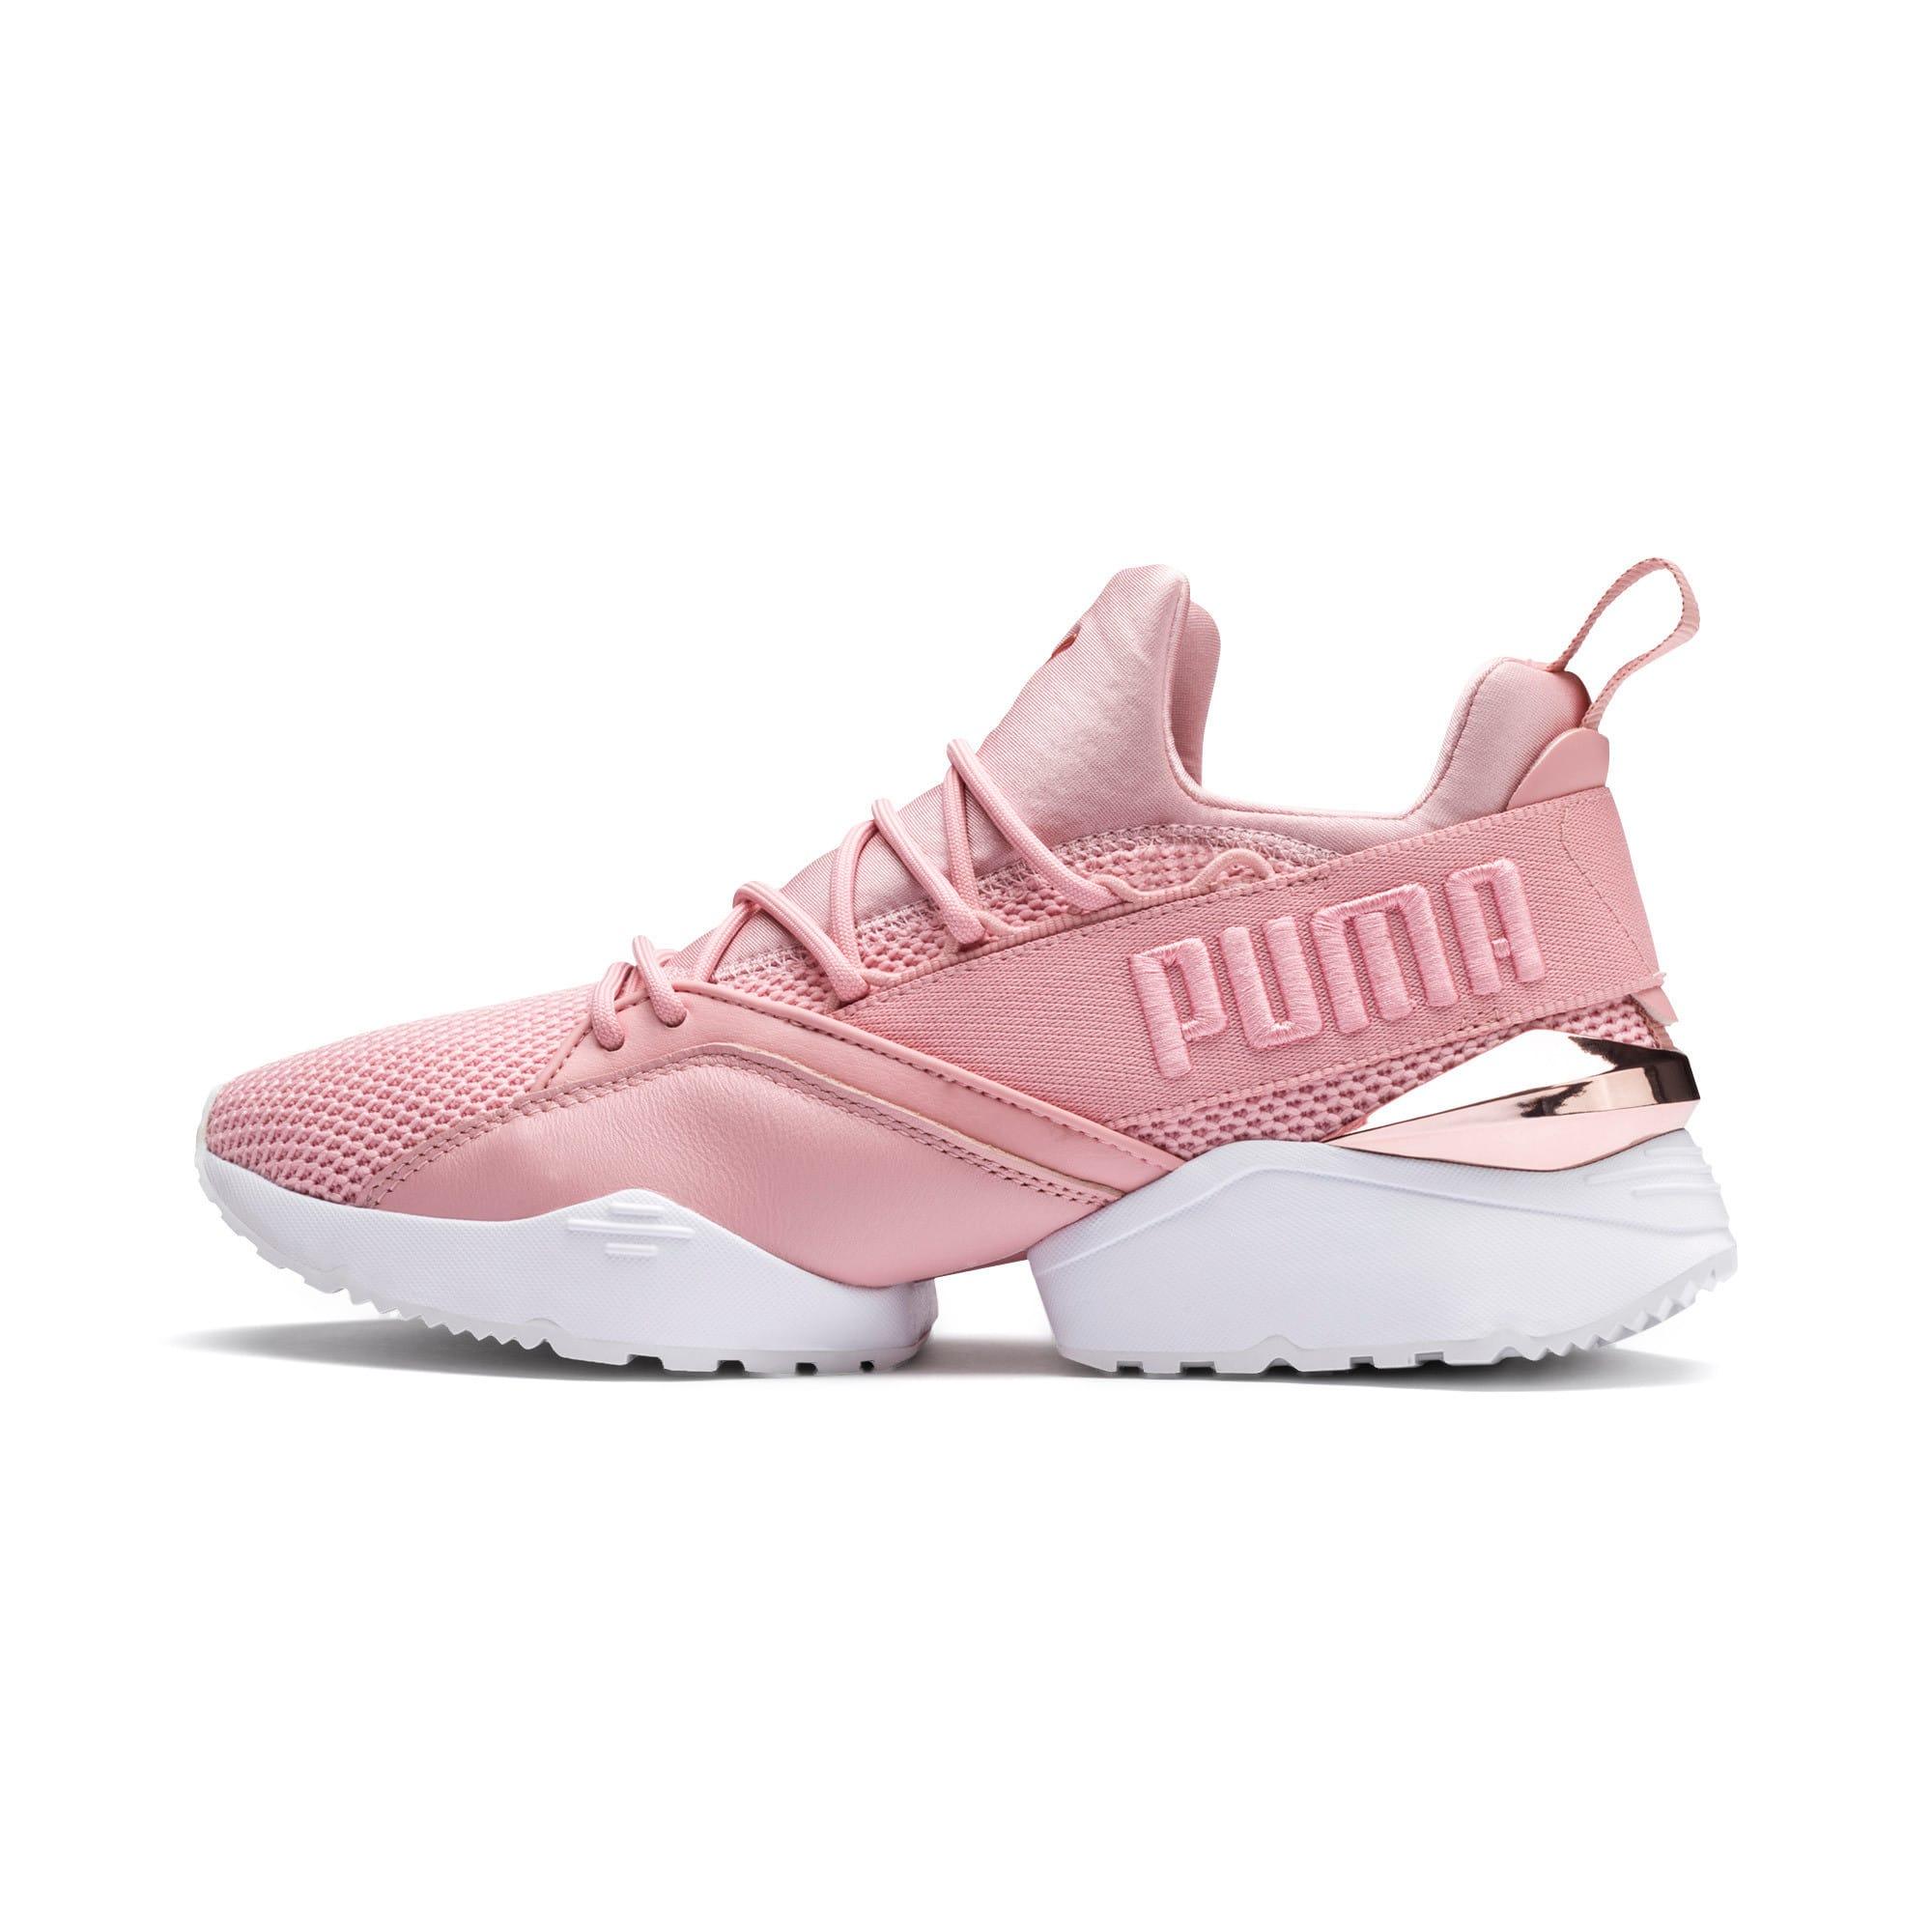 Muse Maia Metallic Rose Damen Sneaker